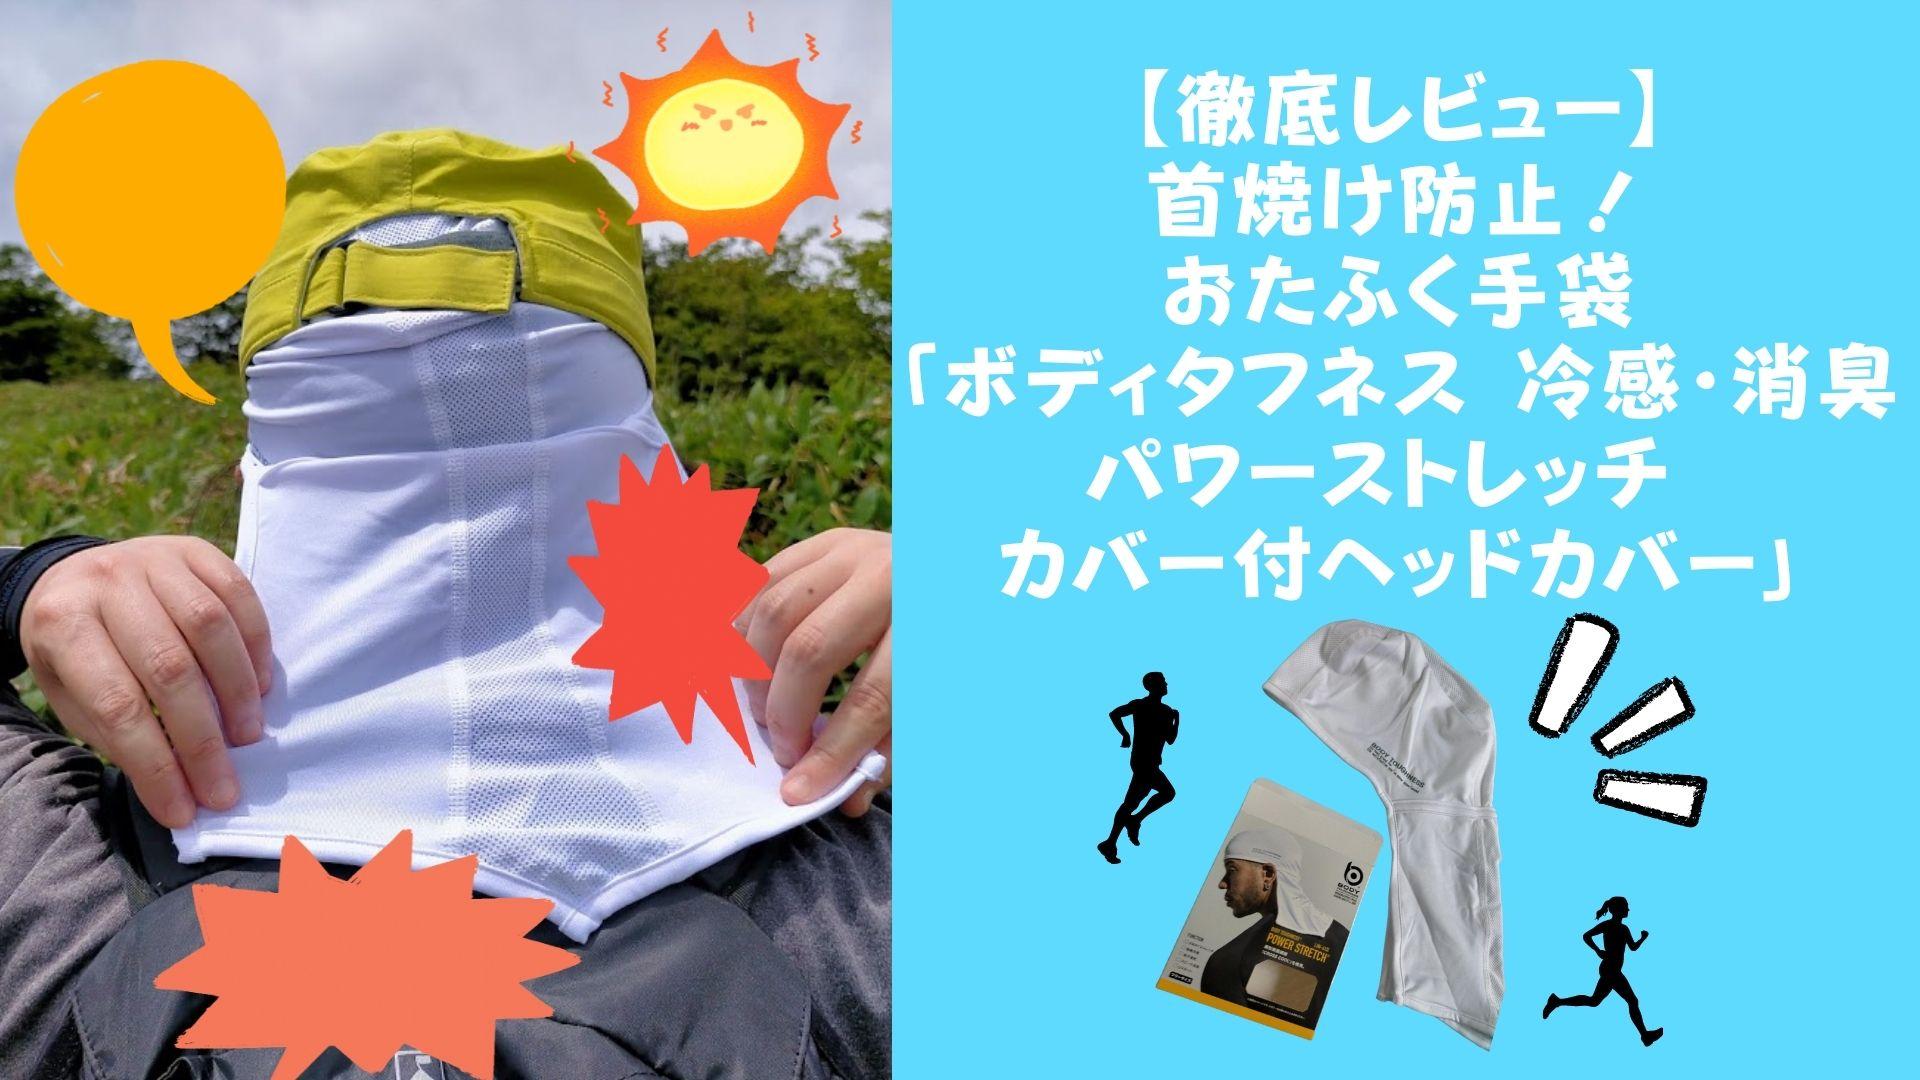 【徹底レビュー】首焼け防止!おたふく手袋 「ボディタフネス 冷感・消臭 パワーストレッチ カバー付ヘッドカバー」